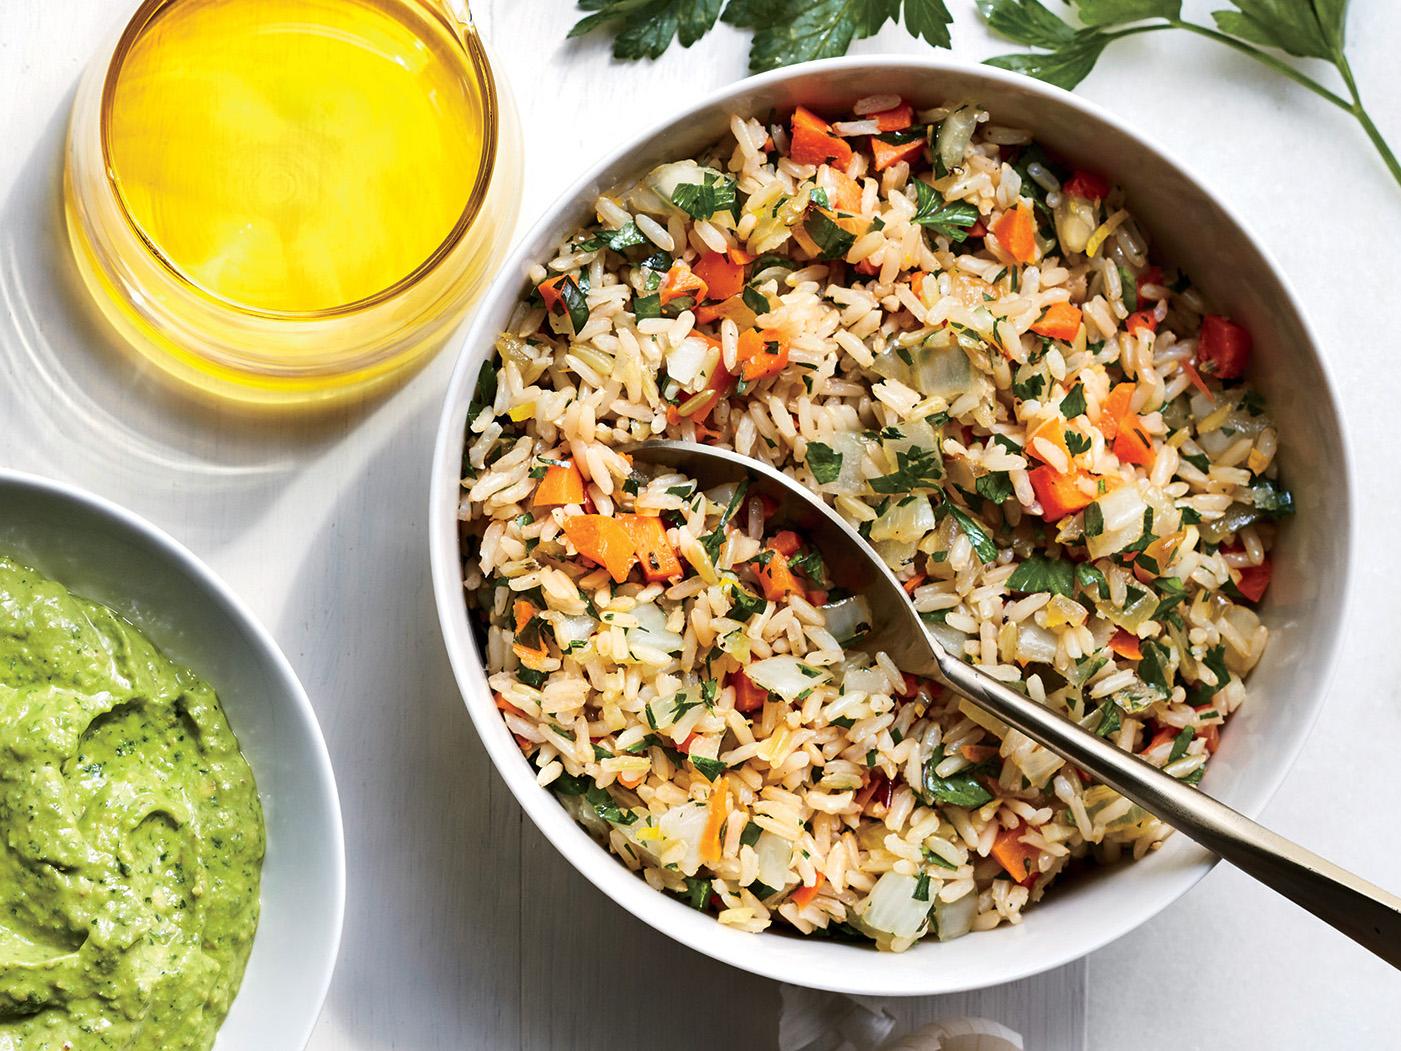 Parslied Brown Rice Pilaf